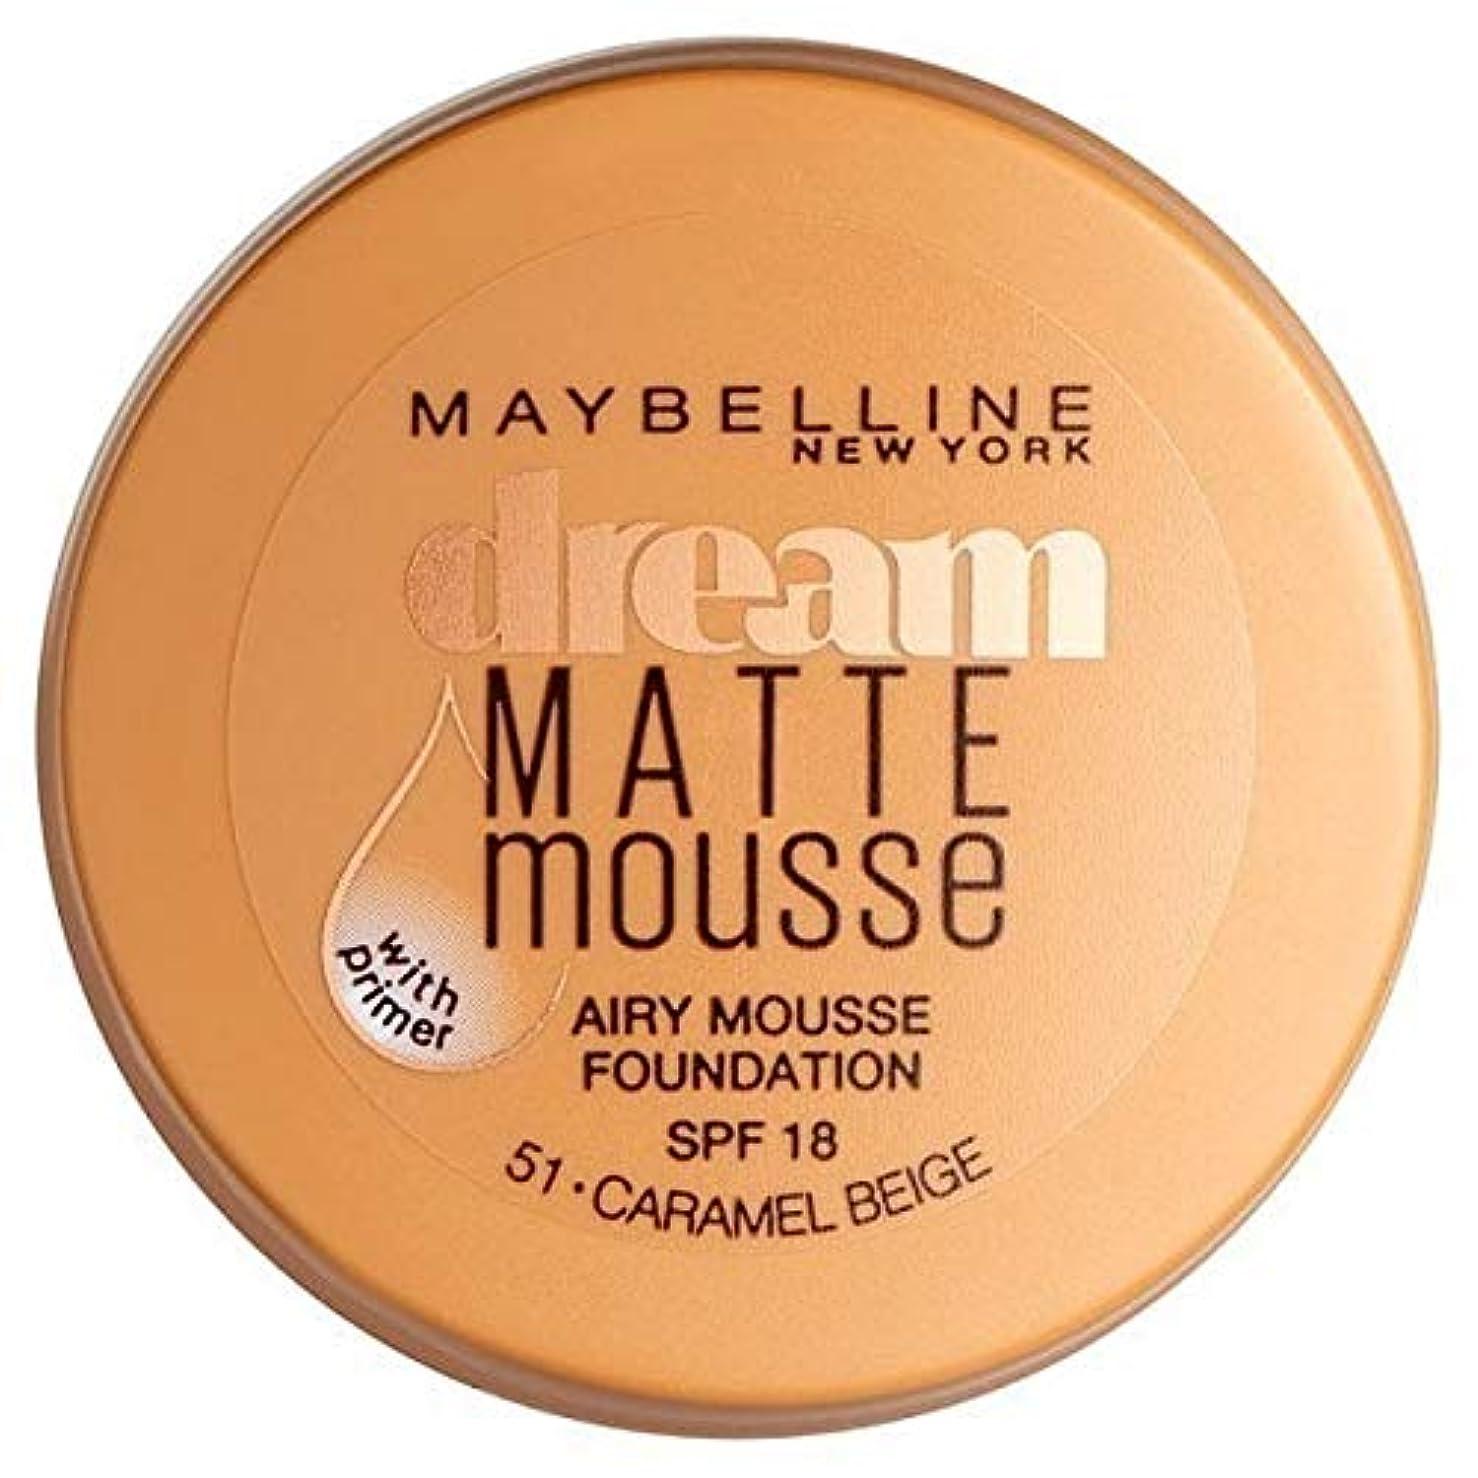 自動コンチネンタル番目[Maybelline ] メイベリン夢のマットムース基盤051キャラメルベージュ - Maybelline Dream Matte Mousse Foundation 051 Caramel Beige [並行輸入品]